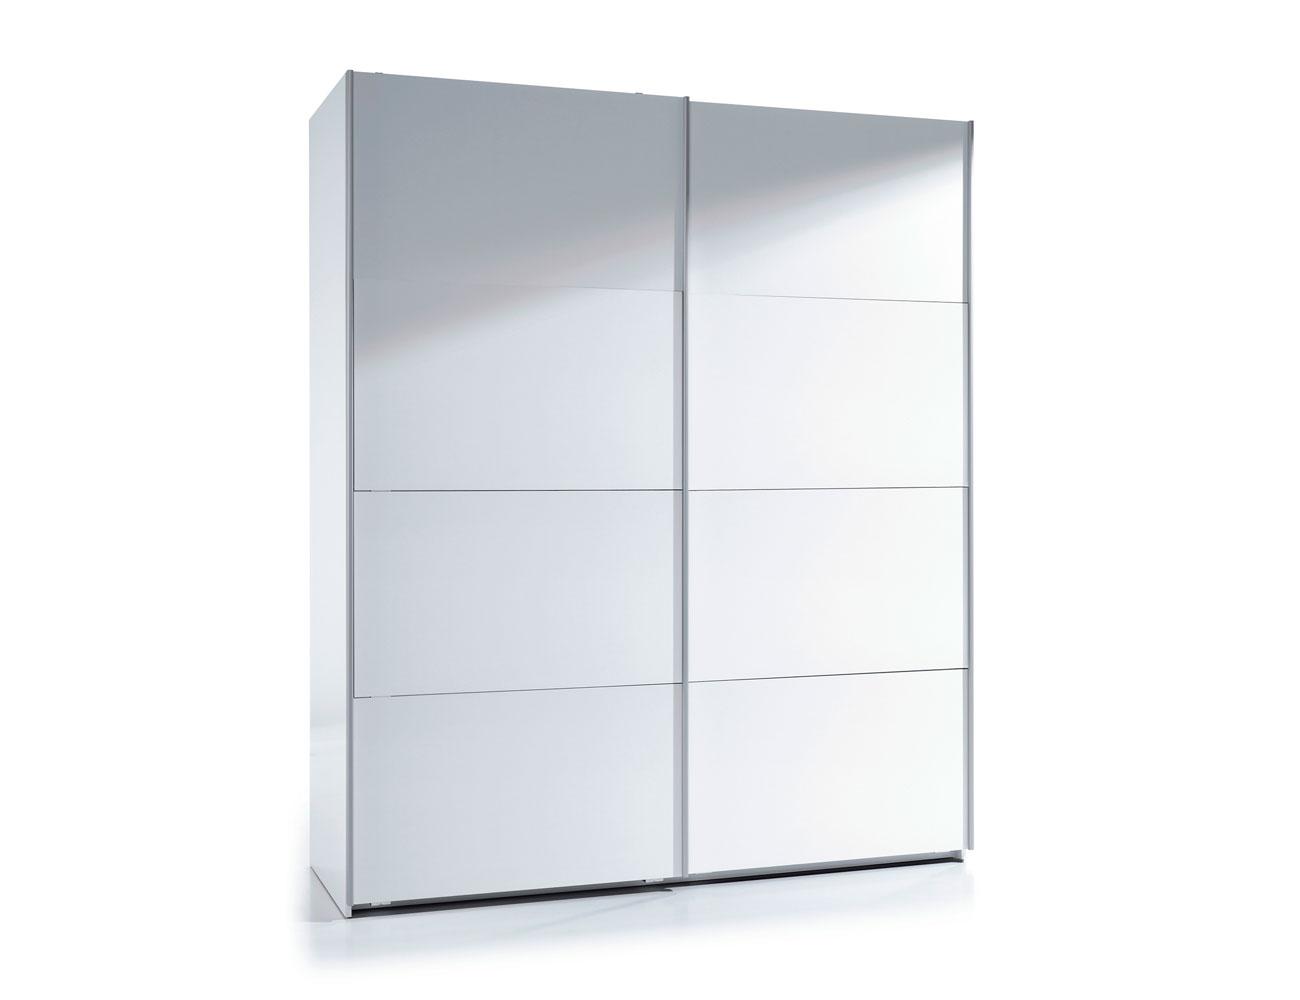 Armario puertas correderas blanco 150 cm